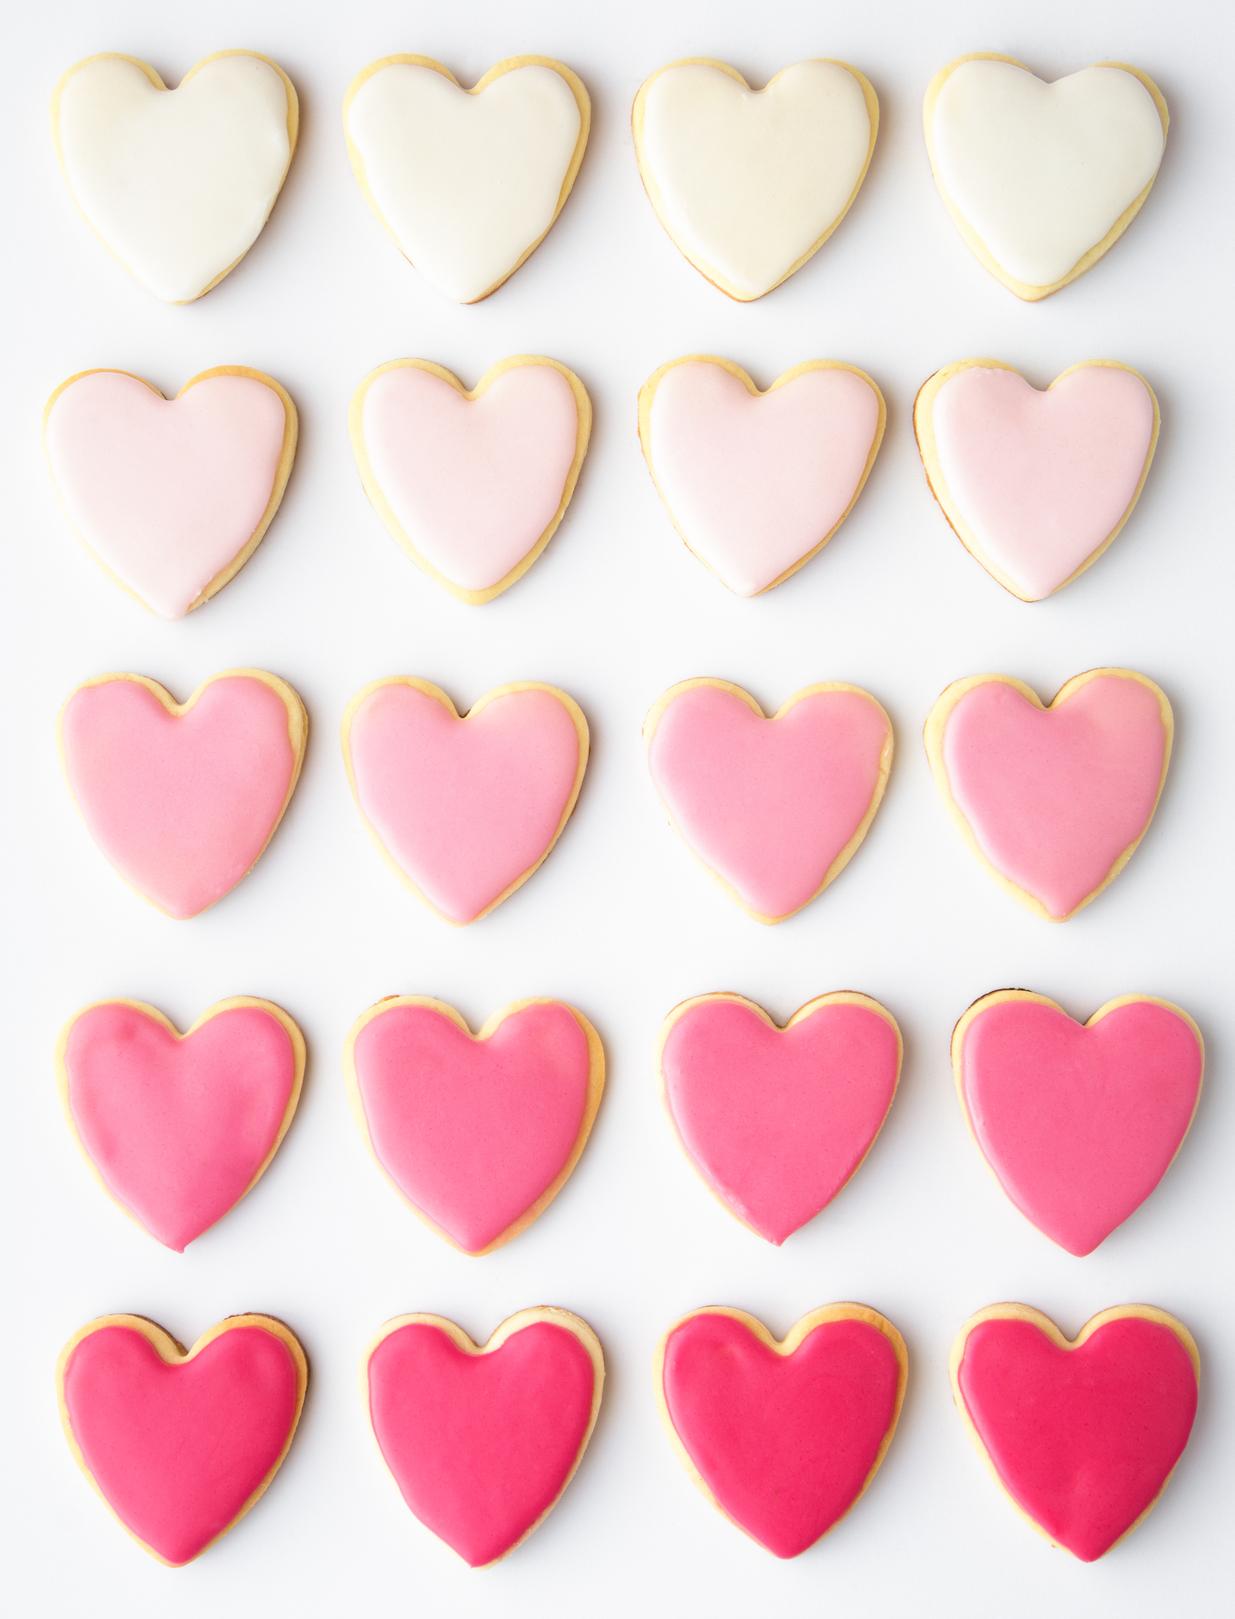 Сахарное печенье в форме сердца